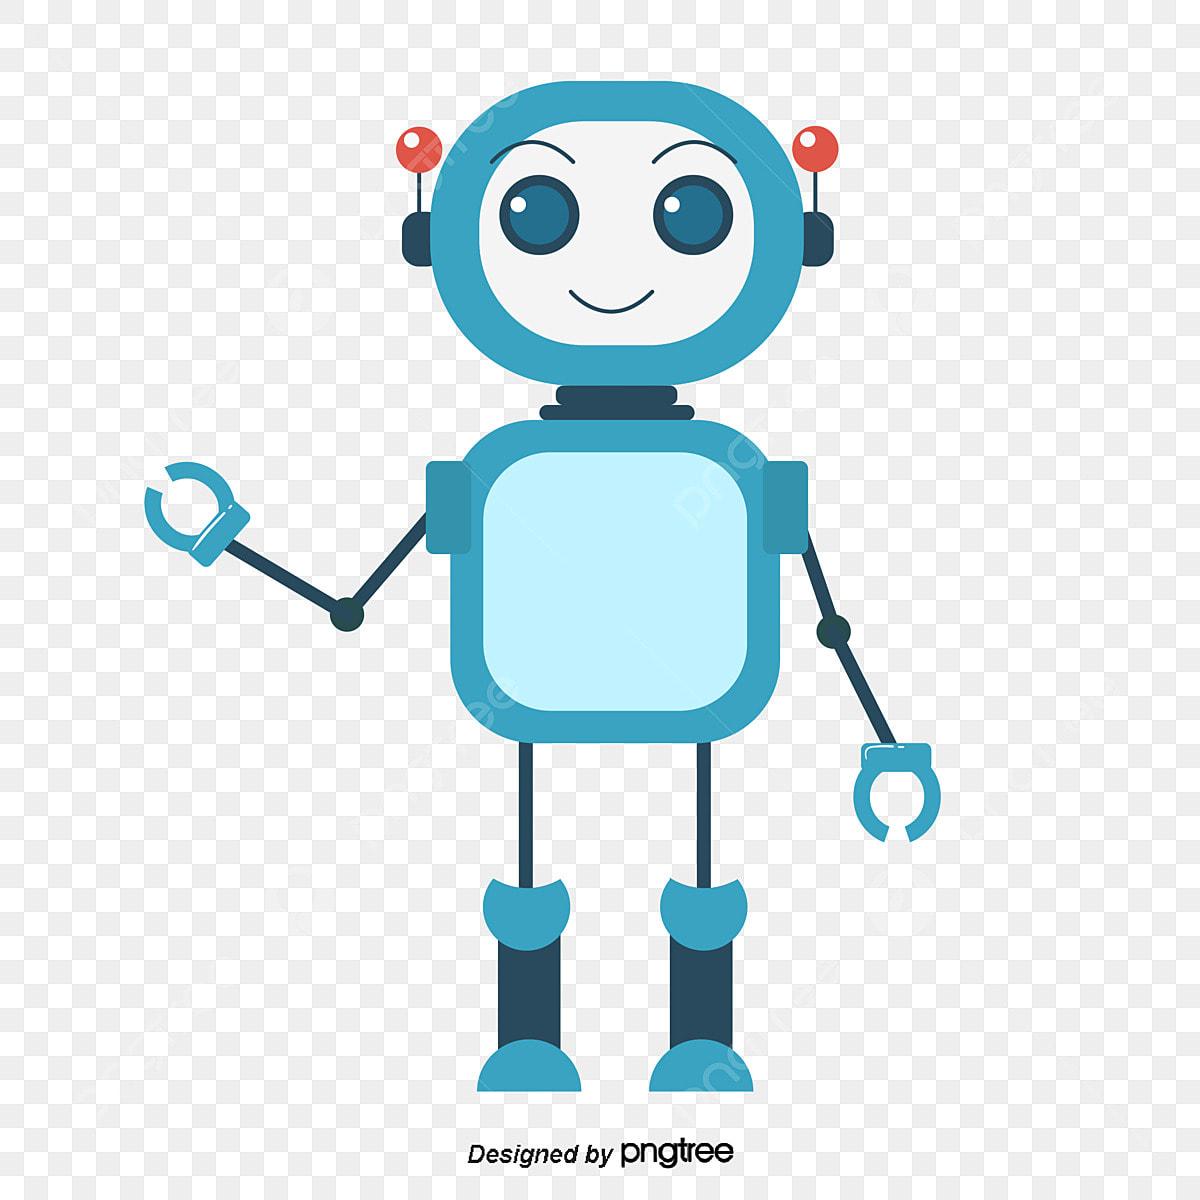 Gambar Robot 3d Tiga Dimensi Kartun Png Dan Clipart Untuk Muat Turun Percuma